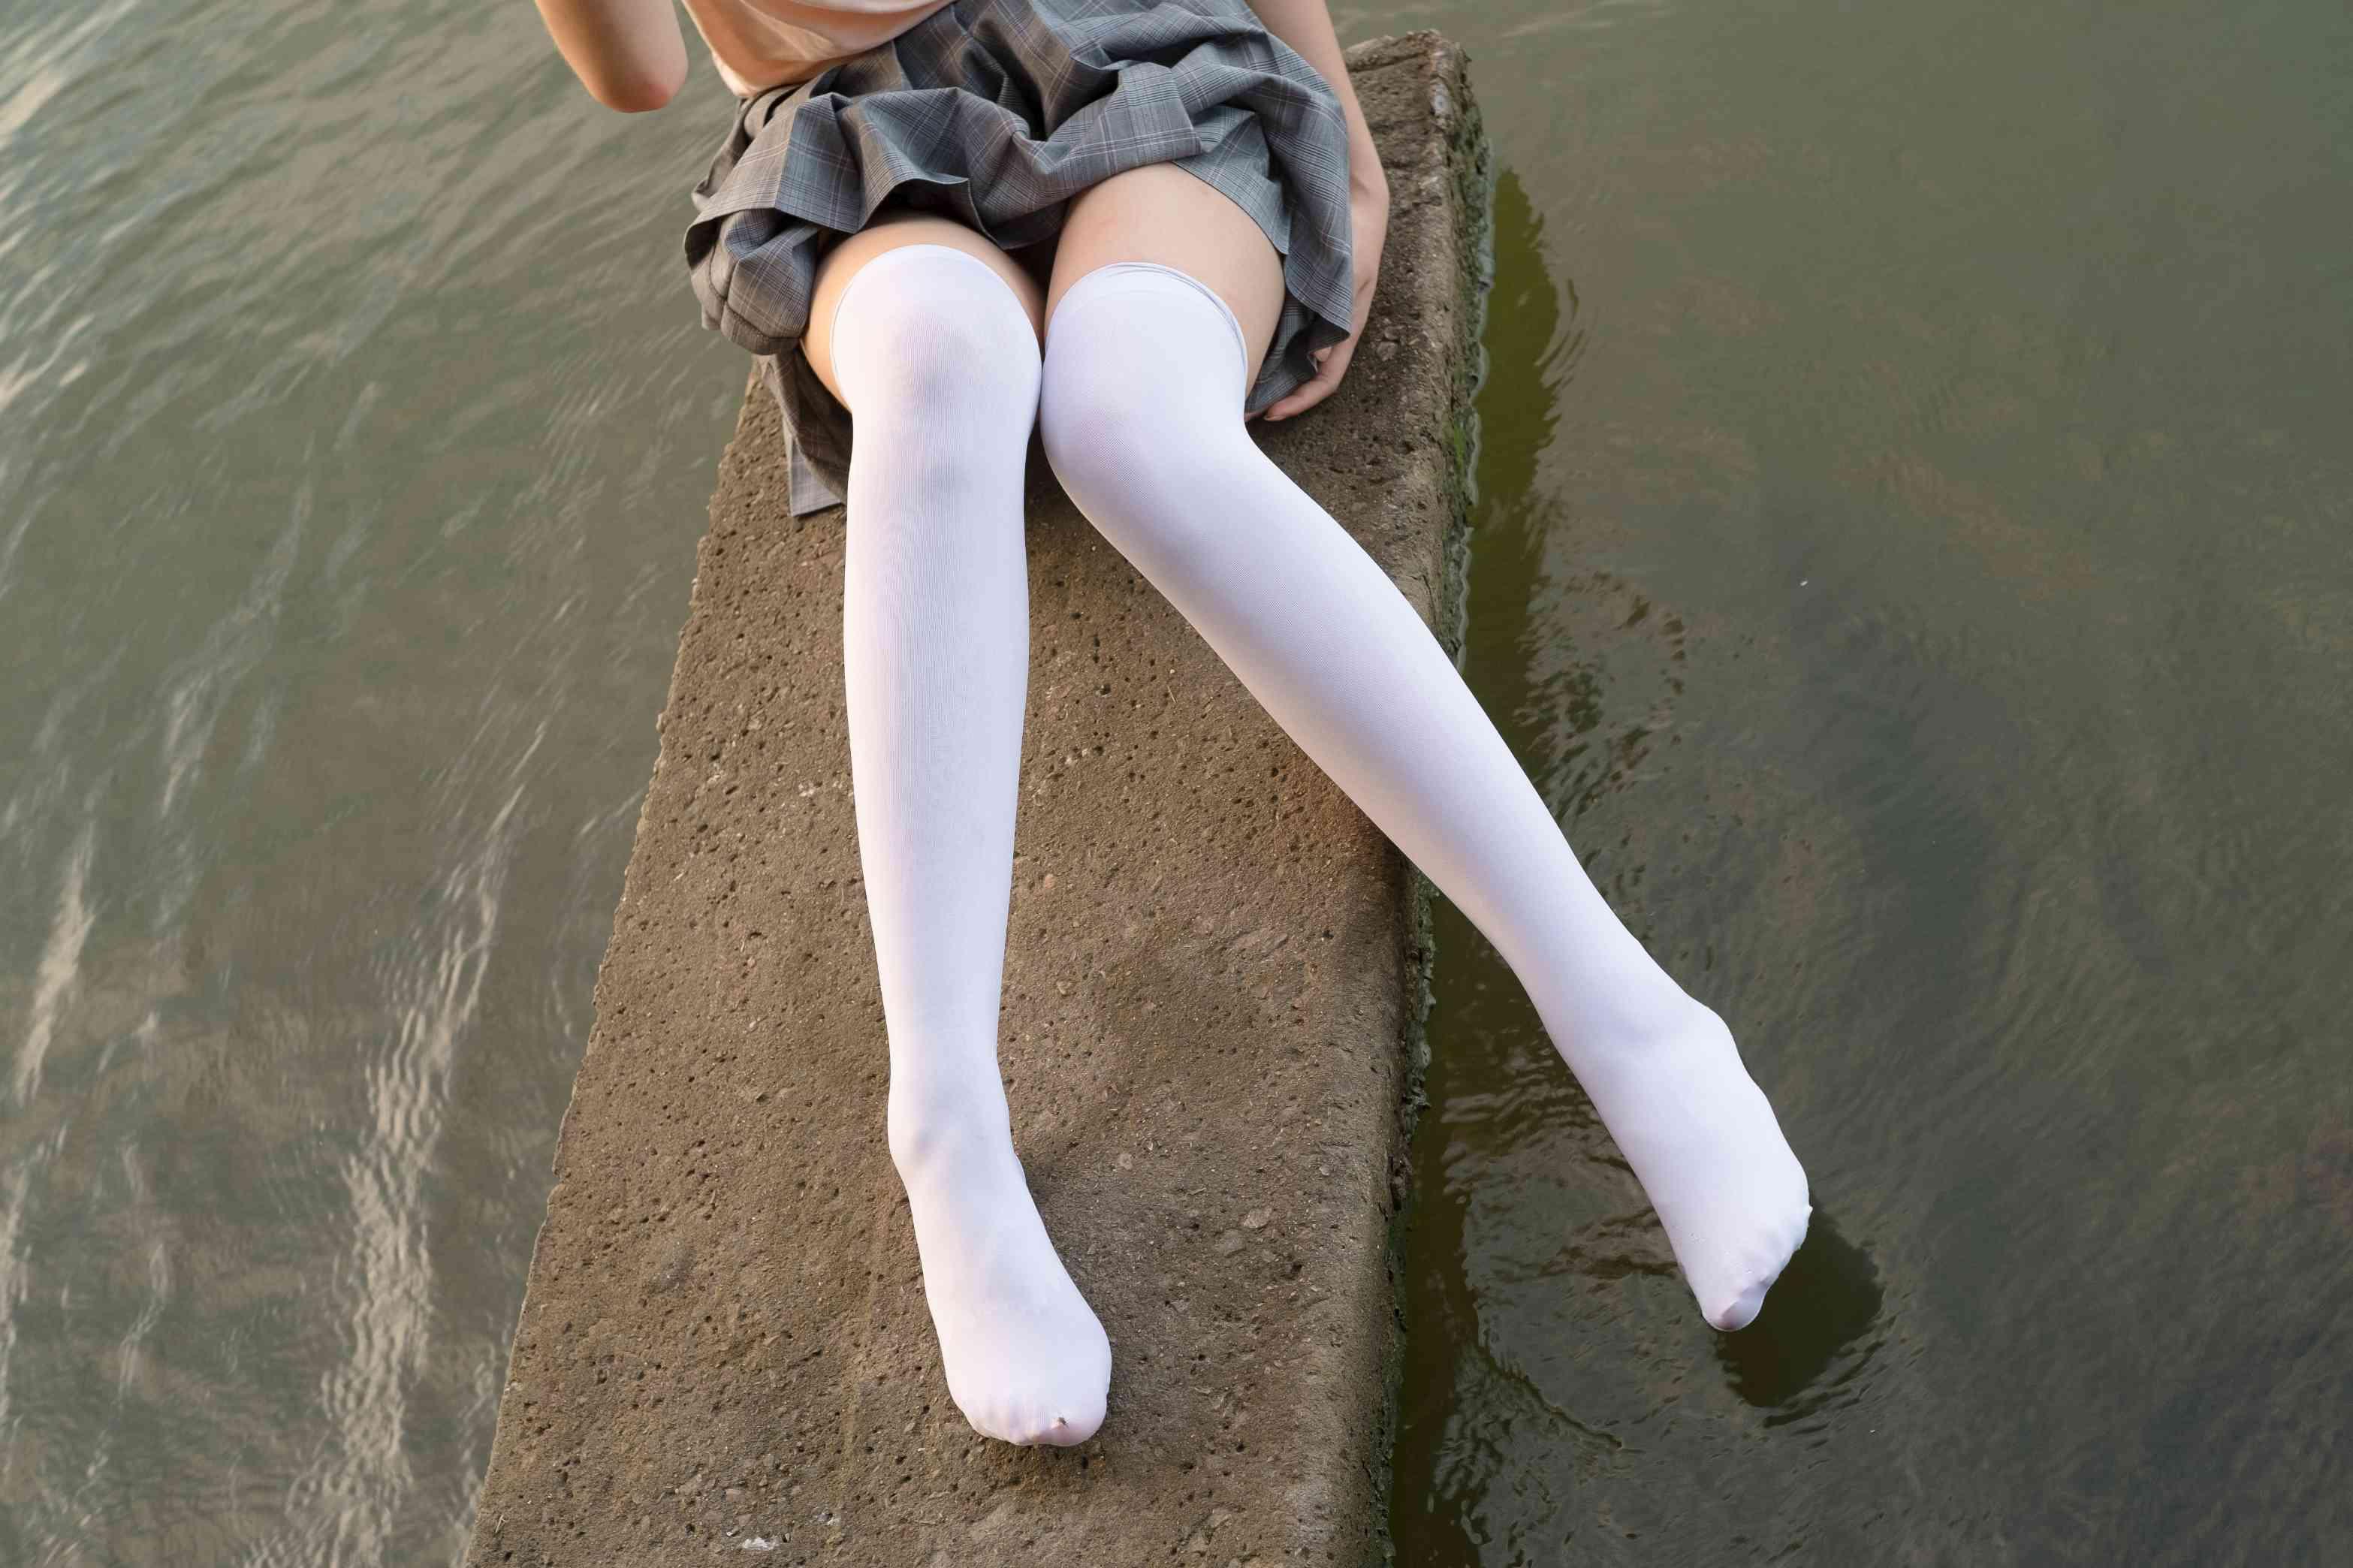 森萝财团 原版写真R15系列合集 25.46G-FANCHENBIZ